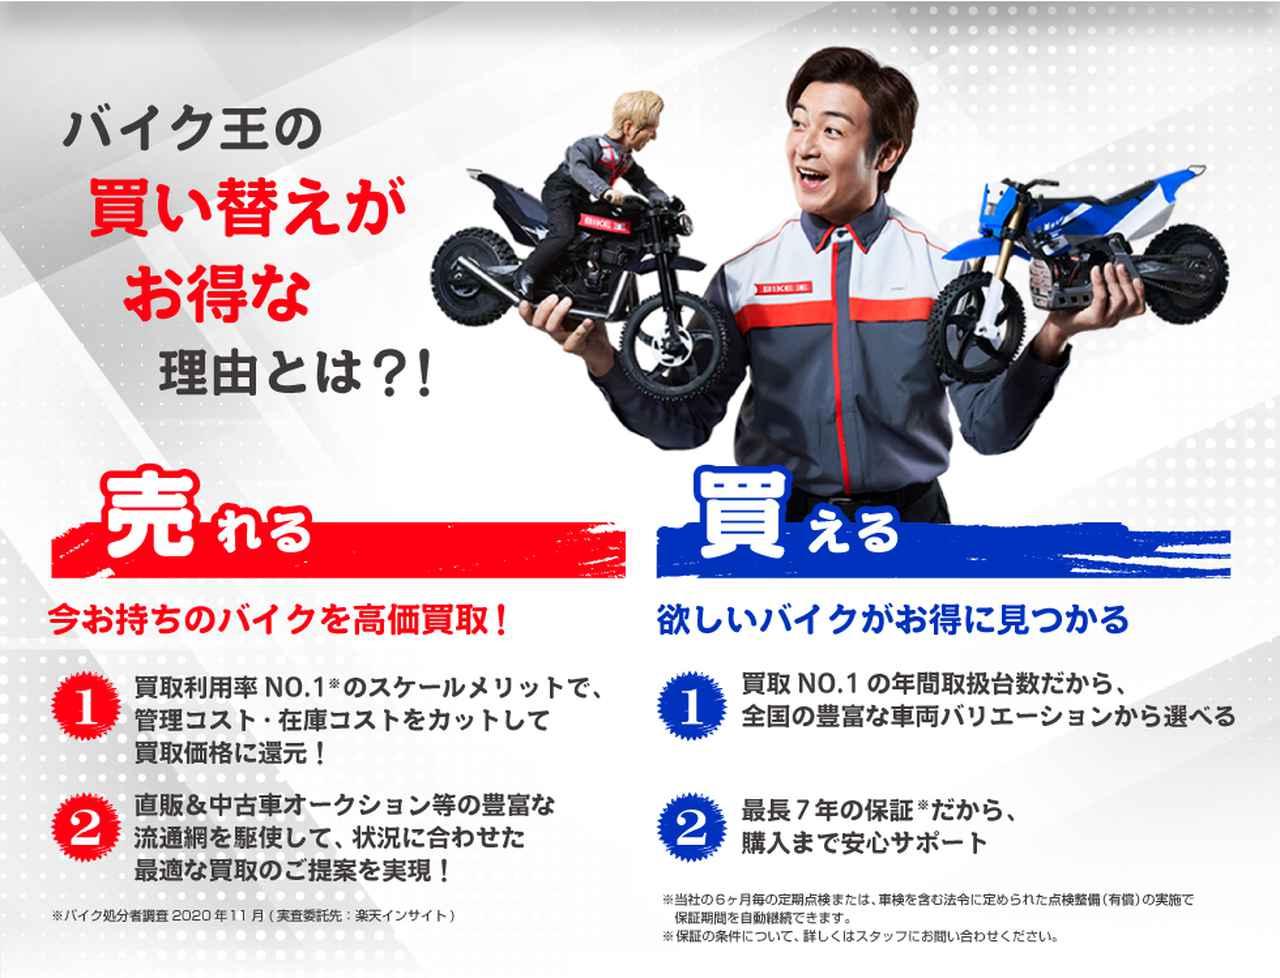 画像: 新TVCM「ミニ店長登場篇」ミニ店長の声は誰?クイズキャンペーン   バイク王 公式サイト